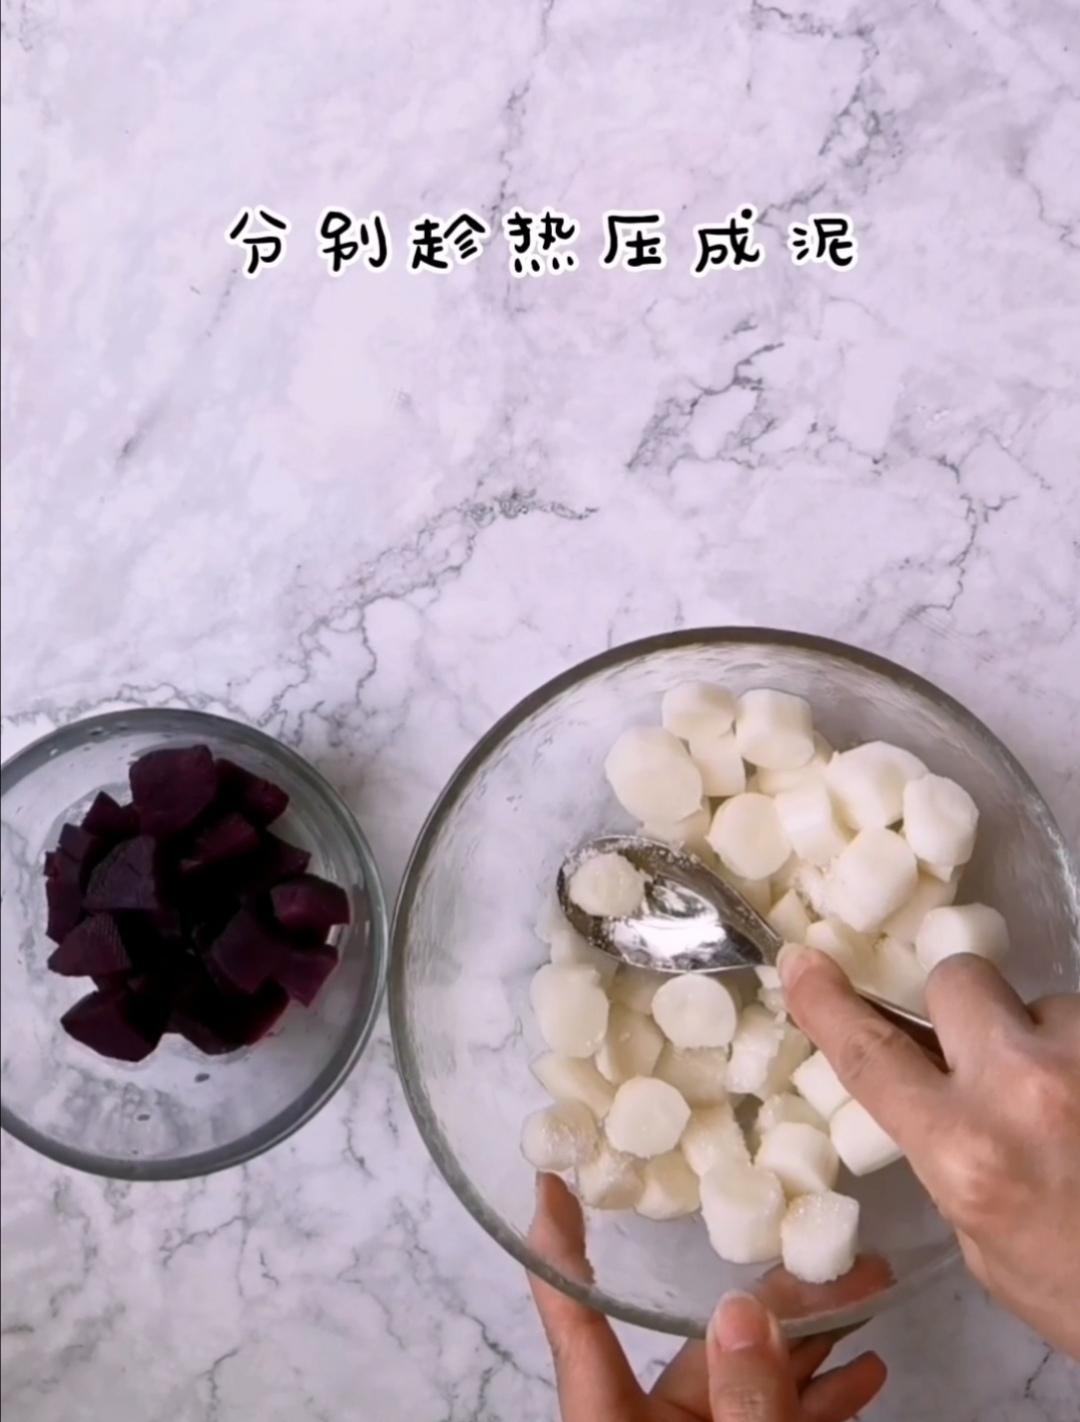 美容养颜的蜂蜜山药紫薯糕的家常做法